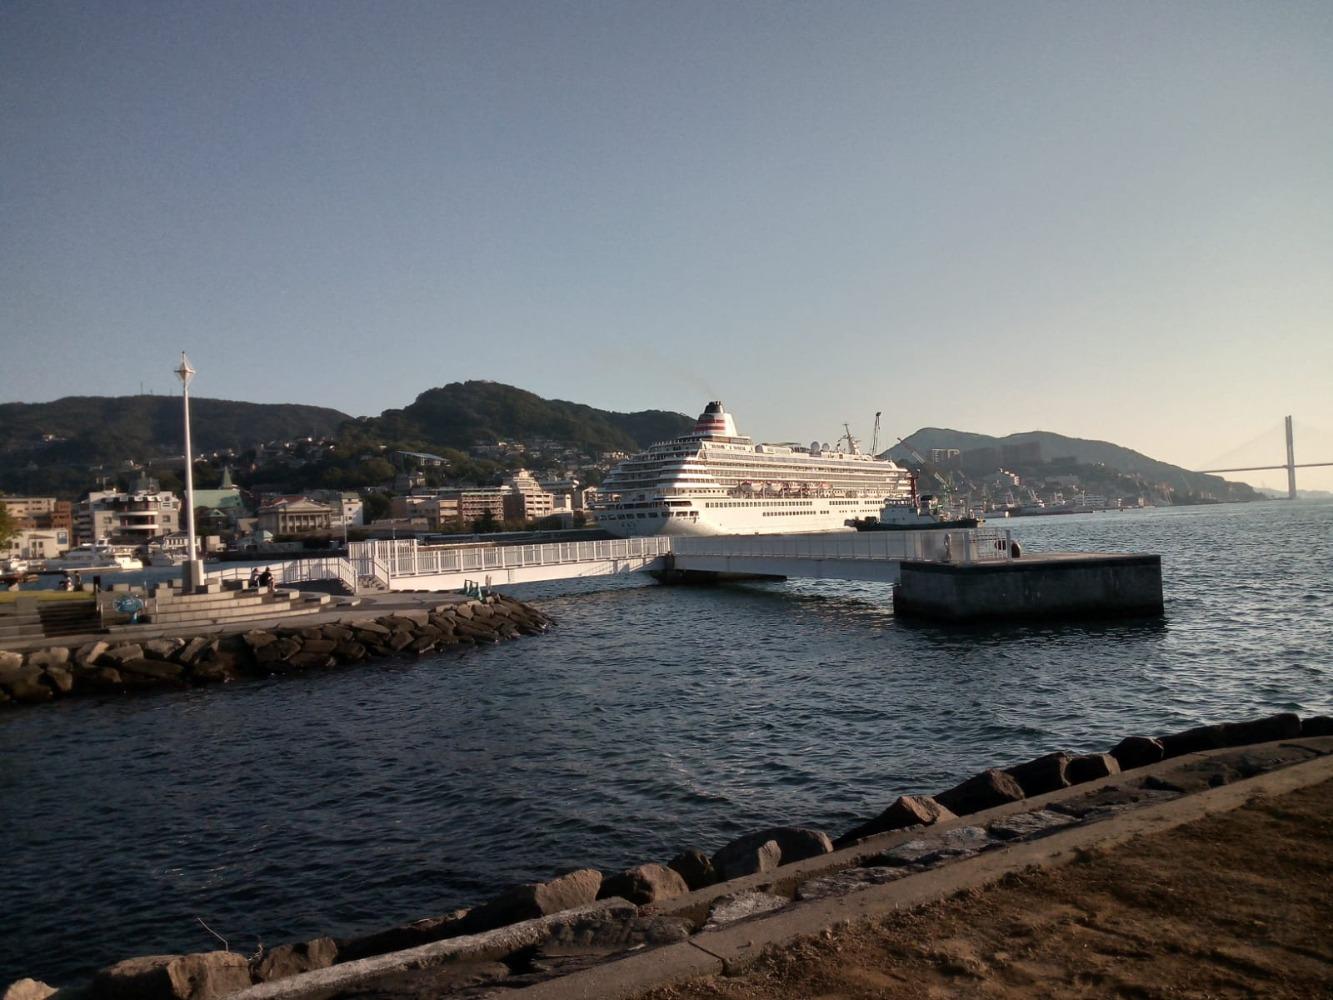 Passenger liner leaving Nagasaki